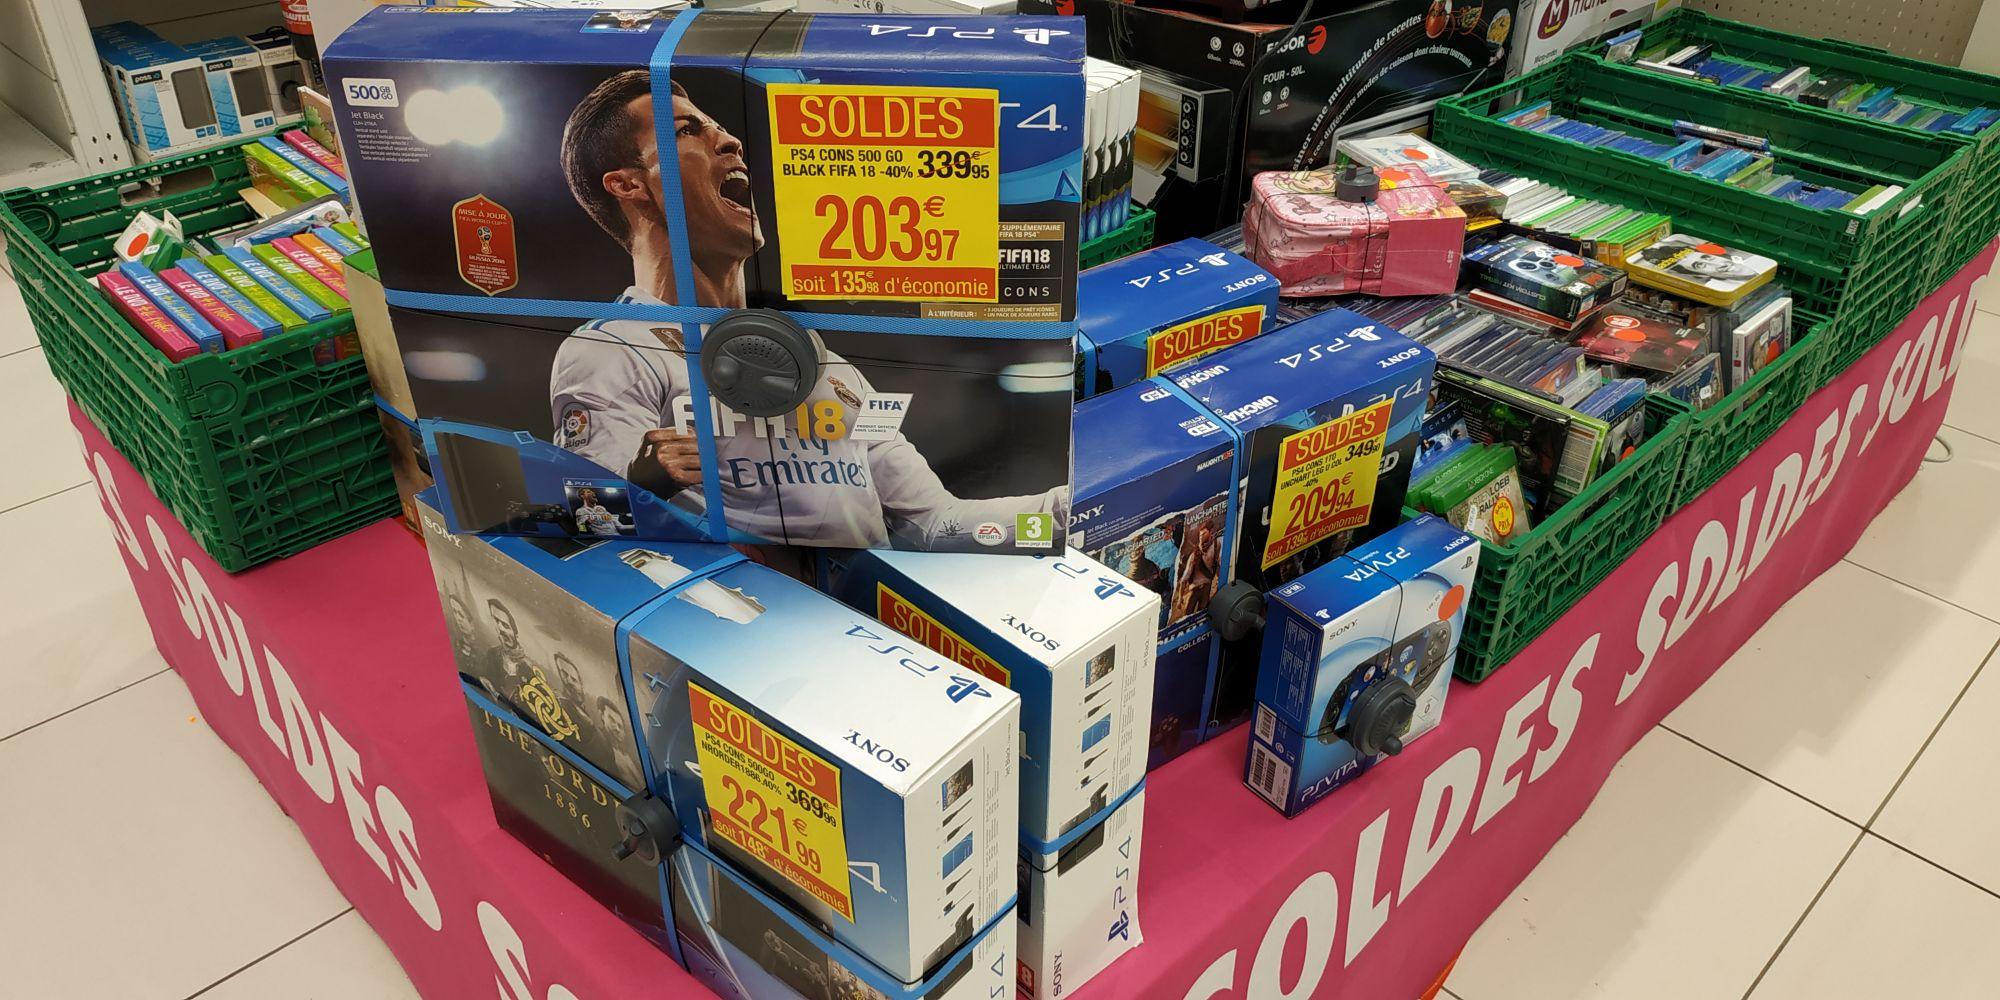 Sélection de consoles en promotion - Pack PS4 Slim (500 Go) + Fifa 18 - Beauvais (60)